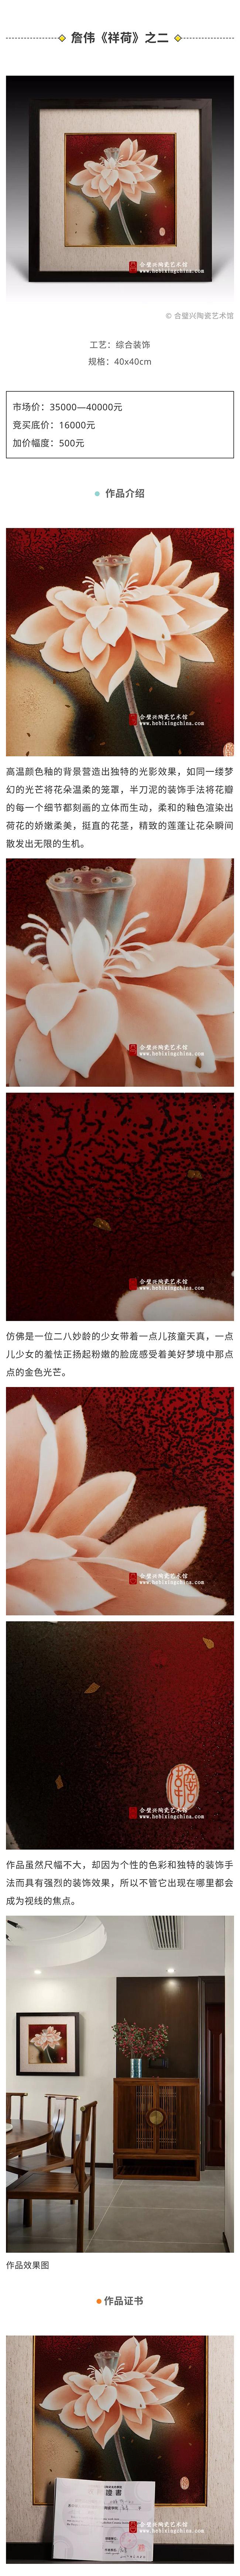 12詹伟 祥荷之二 小.jpg